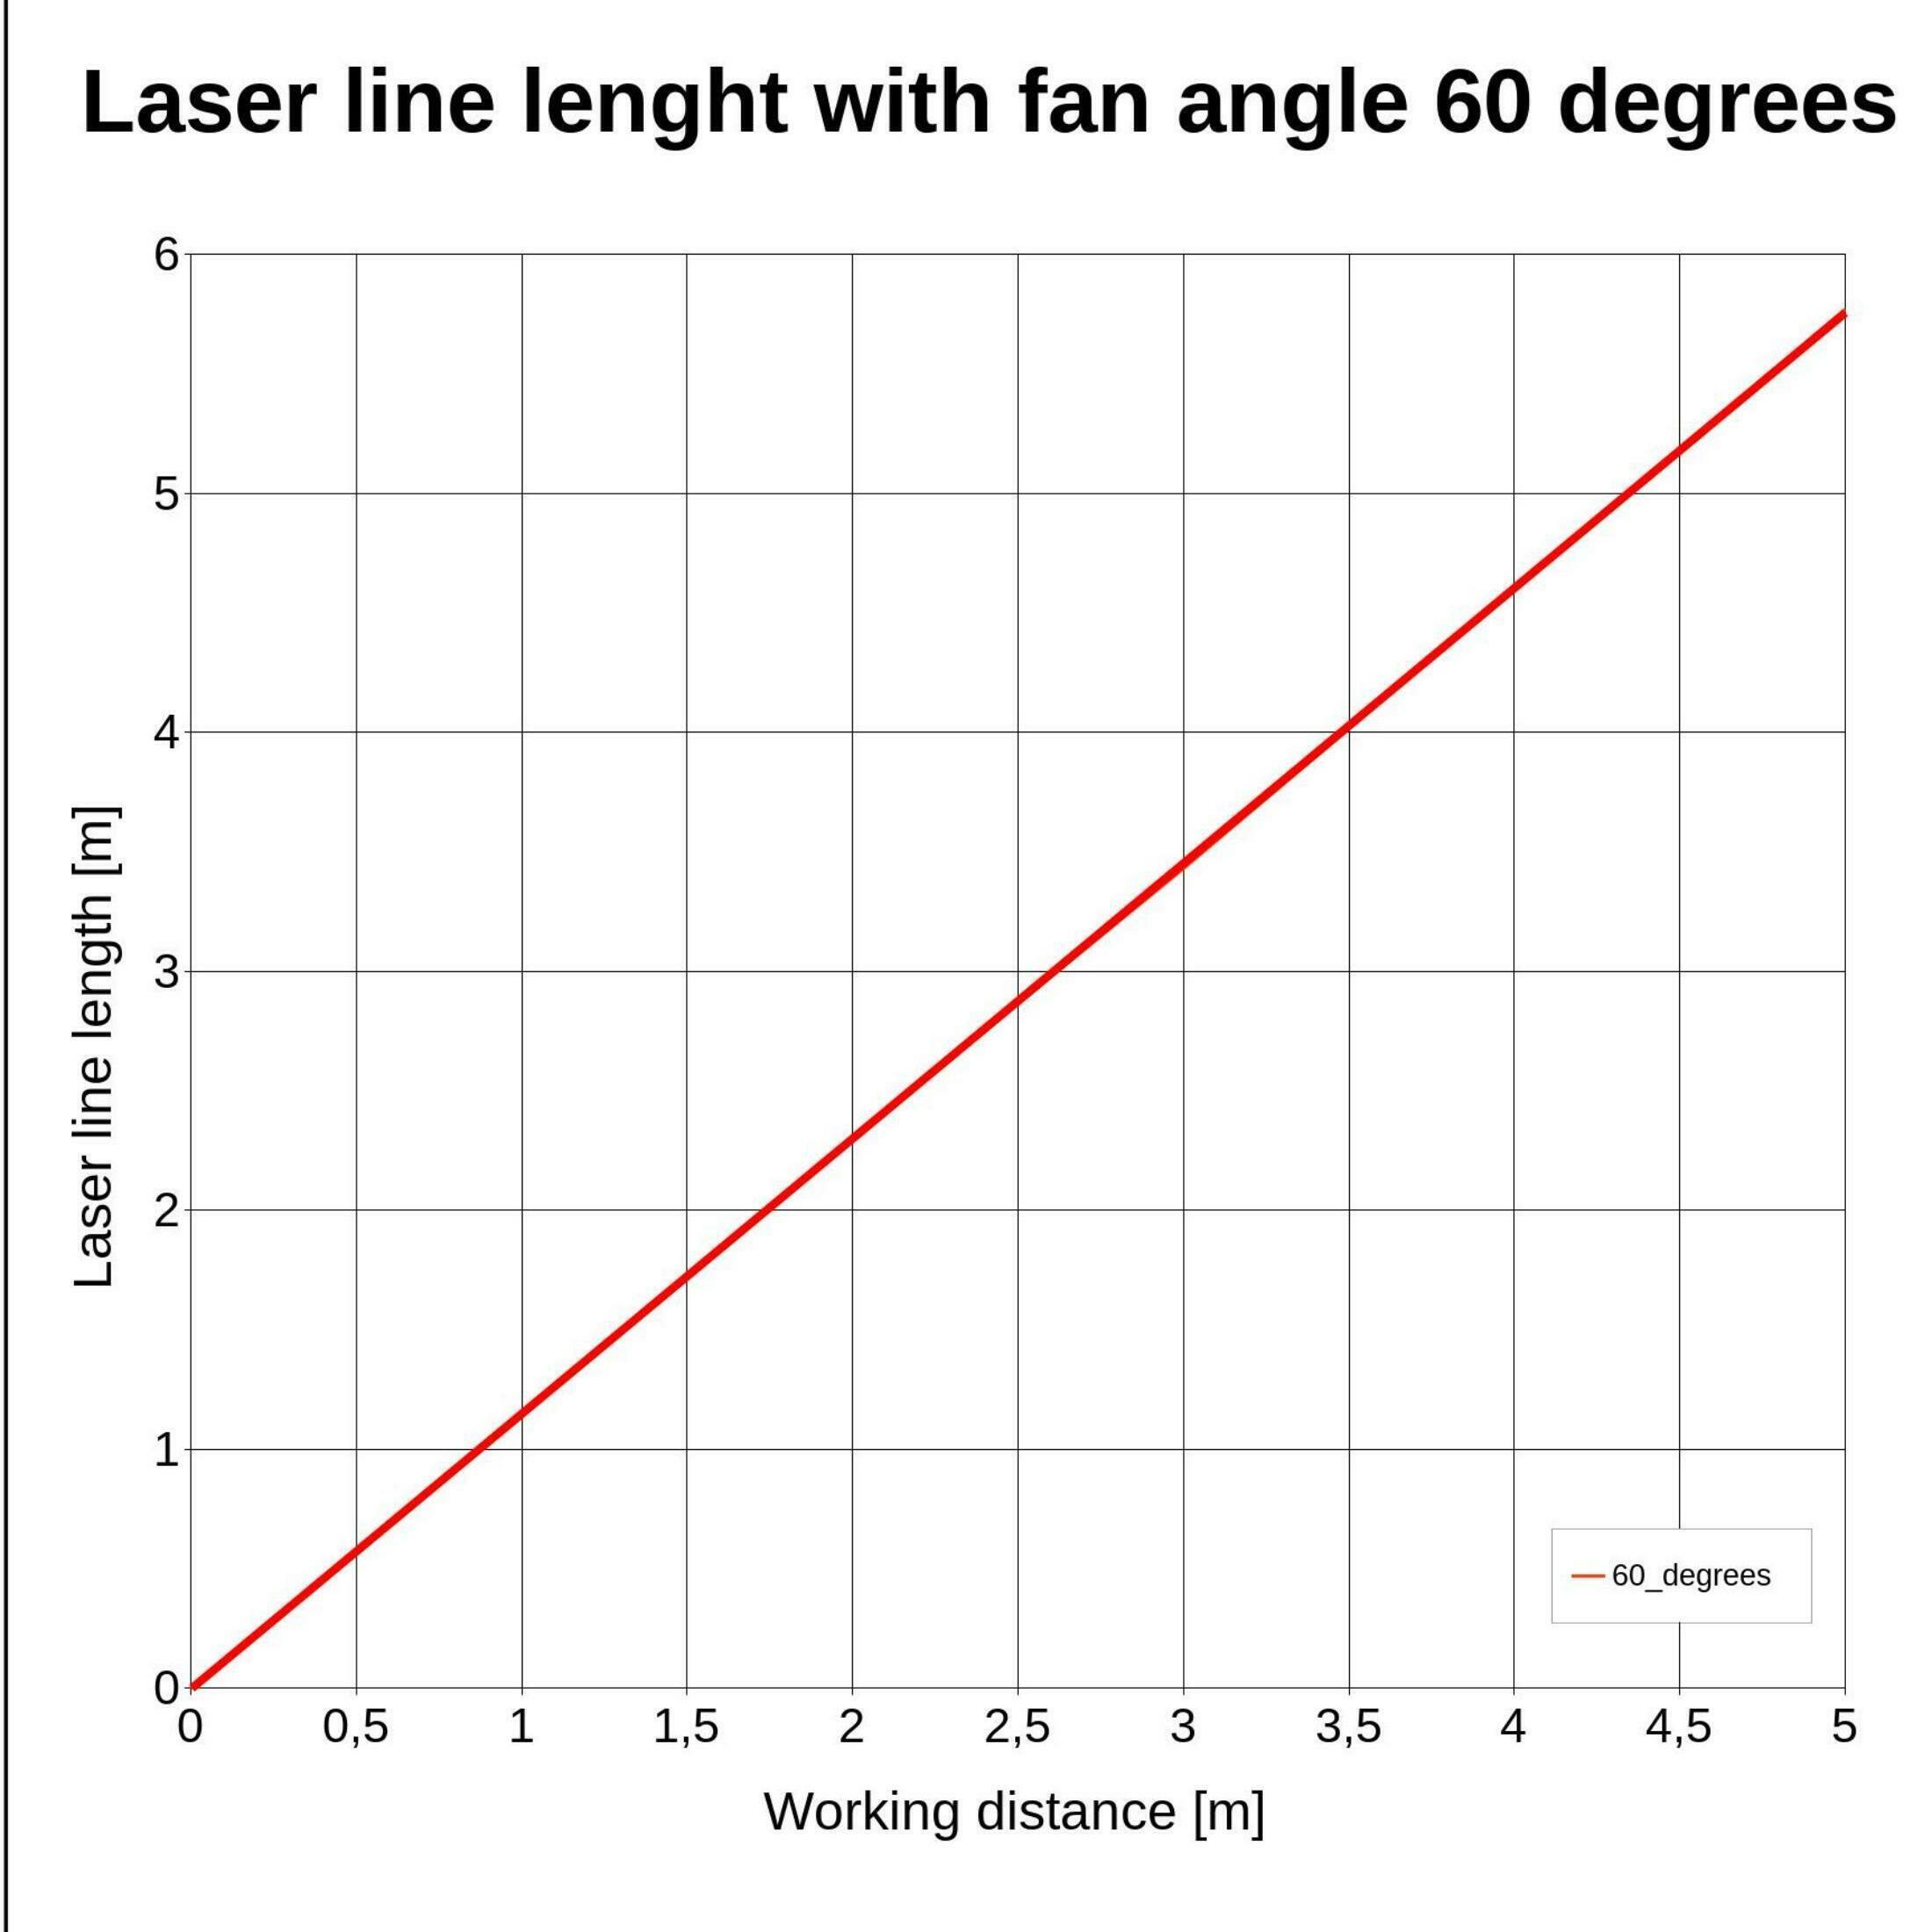 Laserfuchs Laser LH635-5-5(9x21)60-ADJ